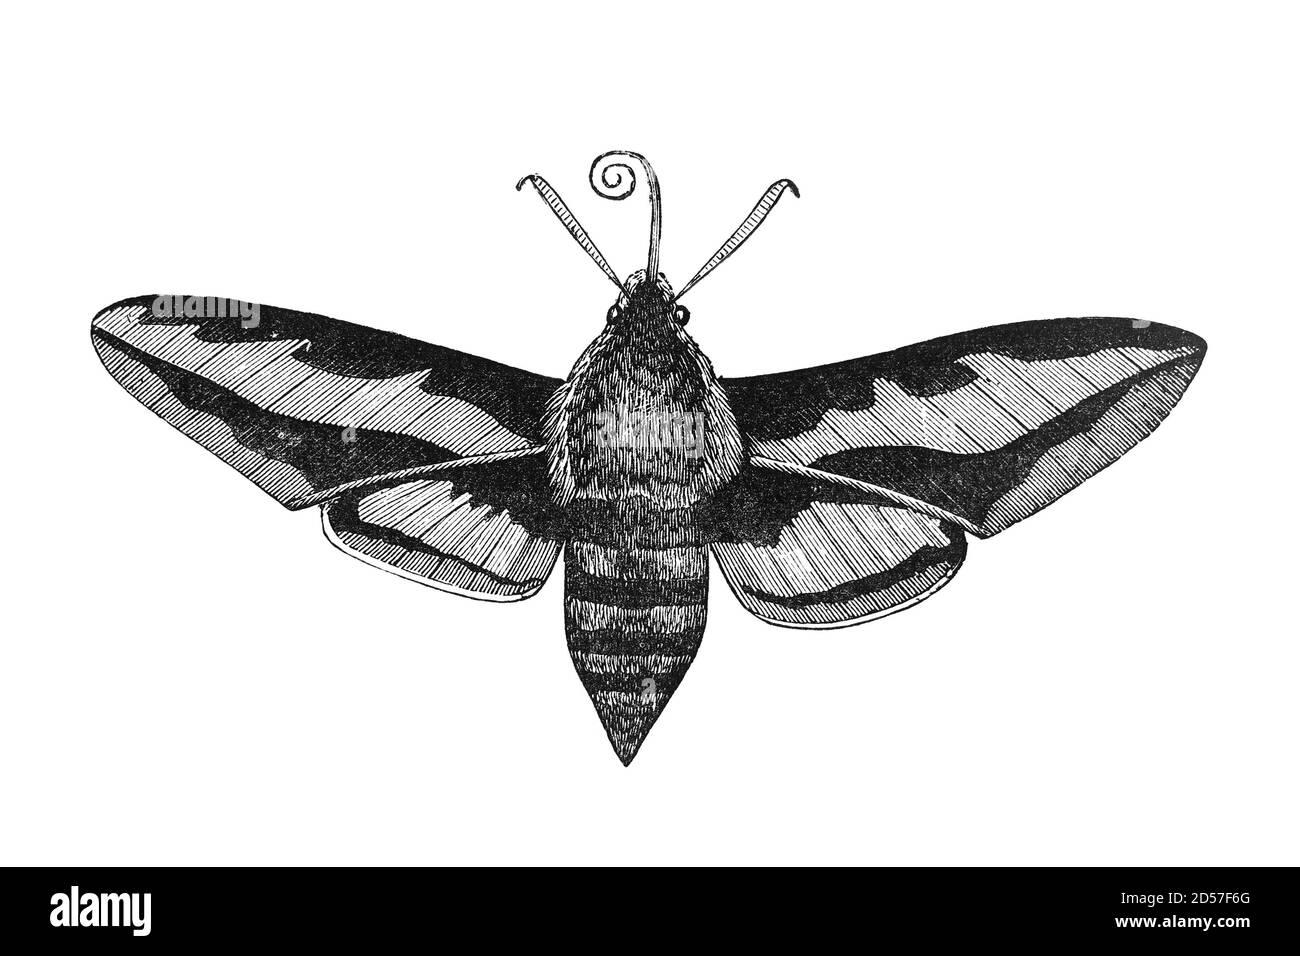 """Bedstraw falco falco insetto, illustrazione vintage. Tratto dall'antico libro """"The Playtime Naturalist"""" del Dr. J.E. Taylor, pubblicato a Londra nel Regno Unito, 1889. Foto Stock"""